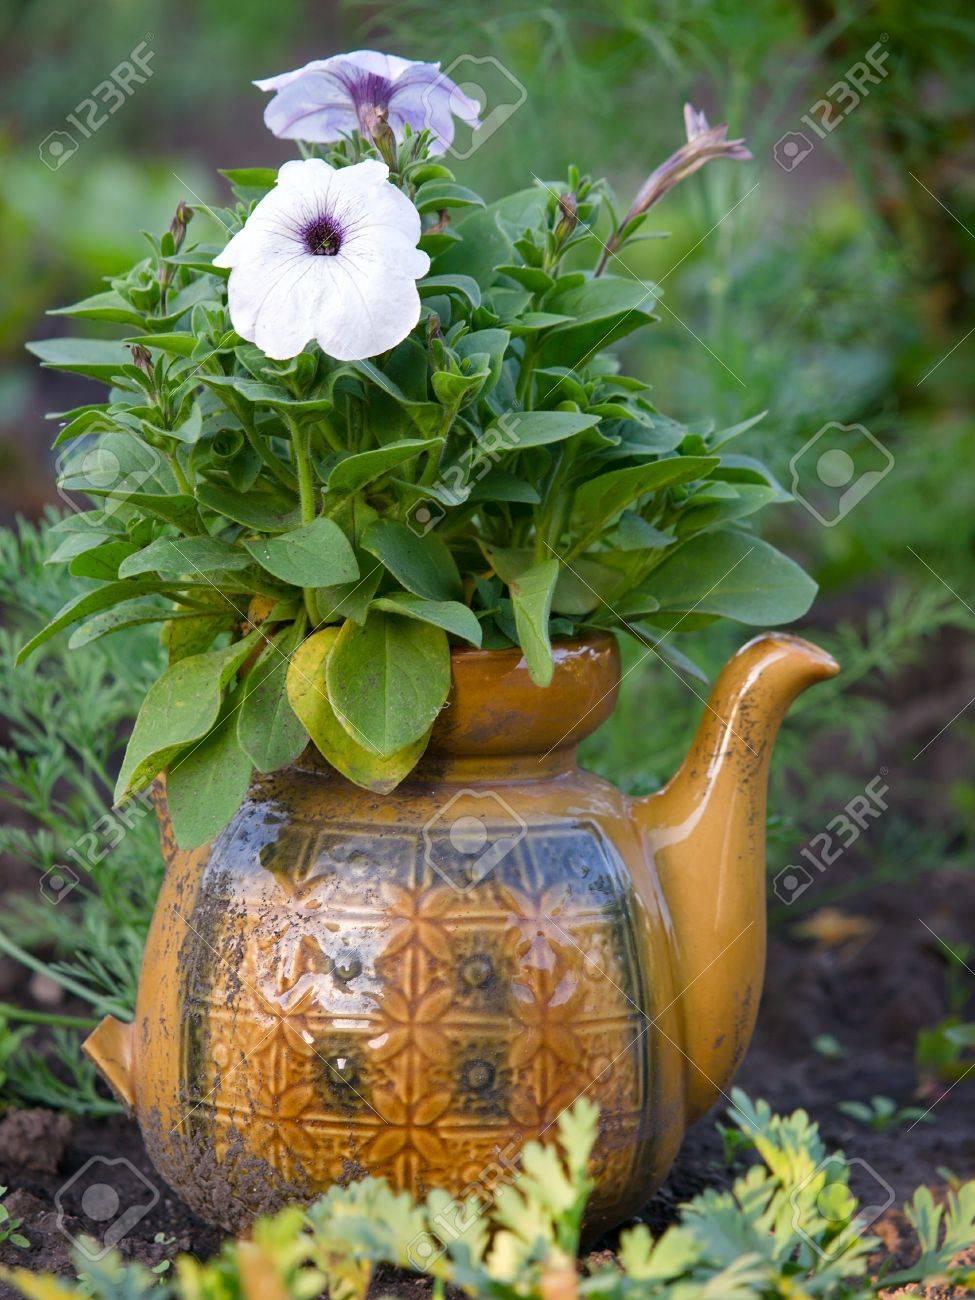 Fleurs De Petunia Dans Le Vieux Pot Exterieur Gros Plan